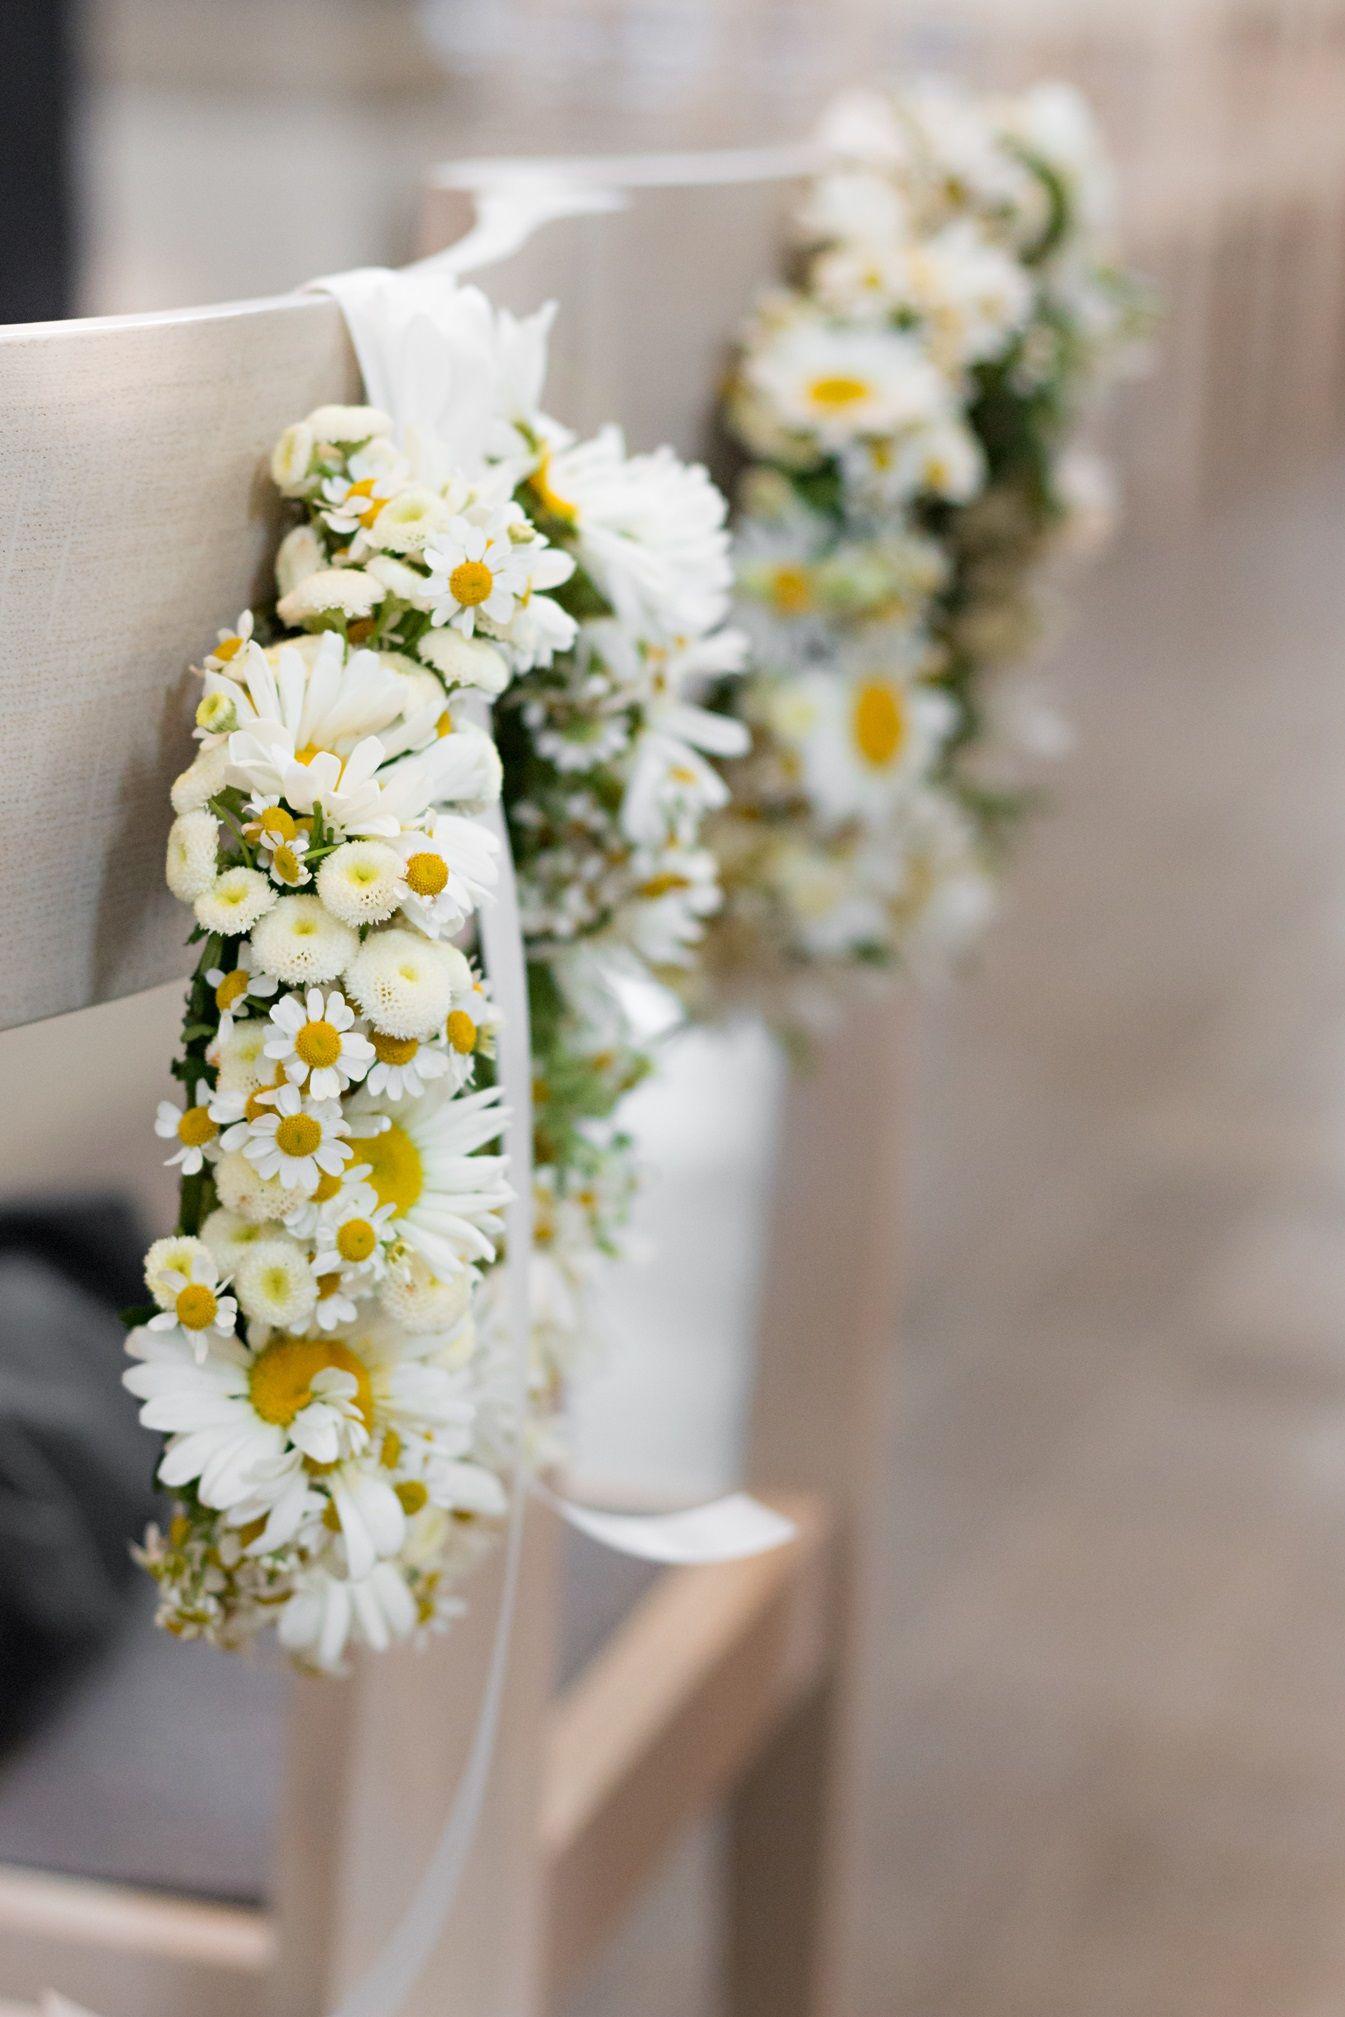 sch ne blumenkr nze mit g nsebl mchen f r die kirche floristin marikefriederic wedding. Black Bedroom Furniture Sets. Home Design Ideas